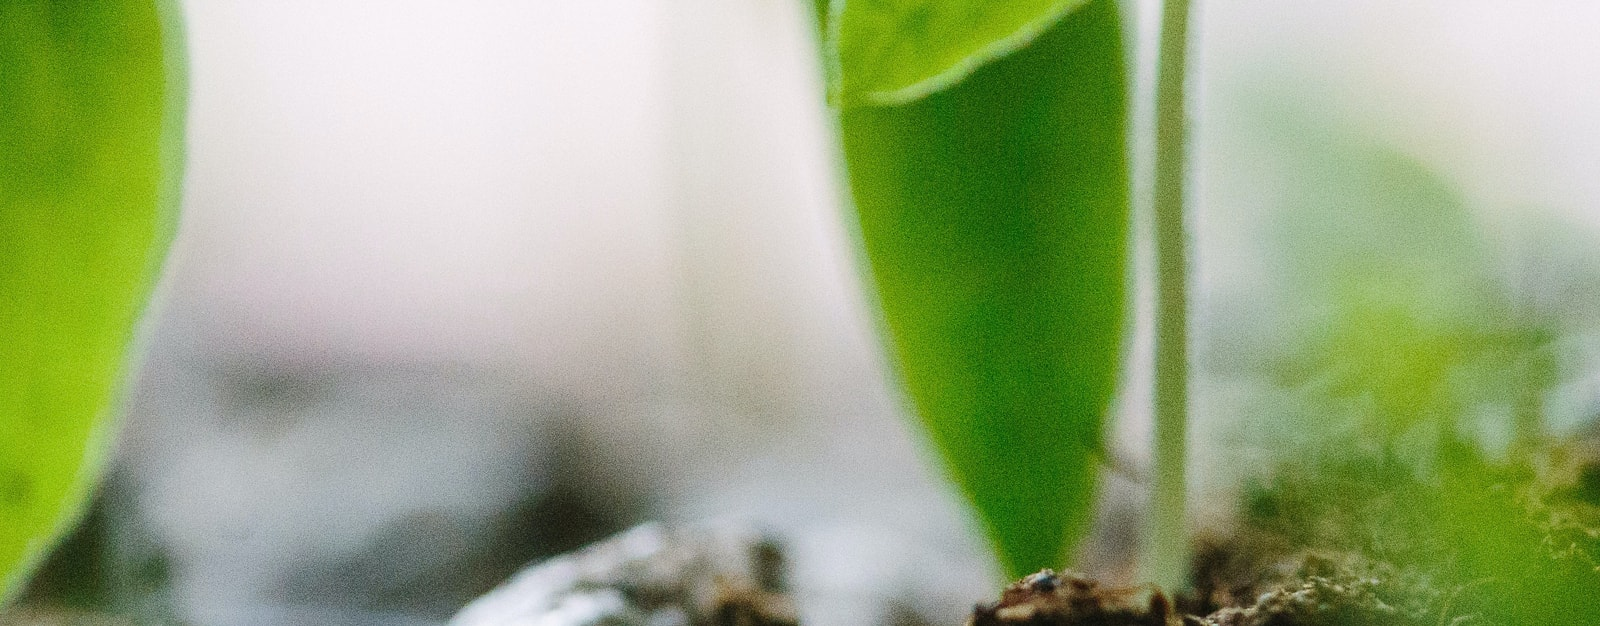 Wachstum ermöglichen